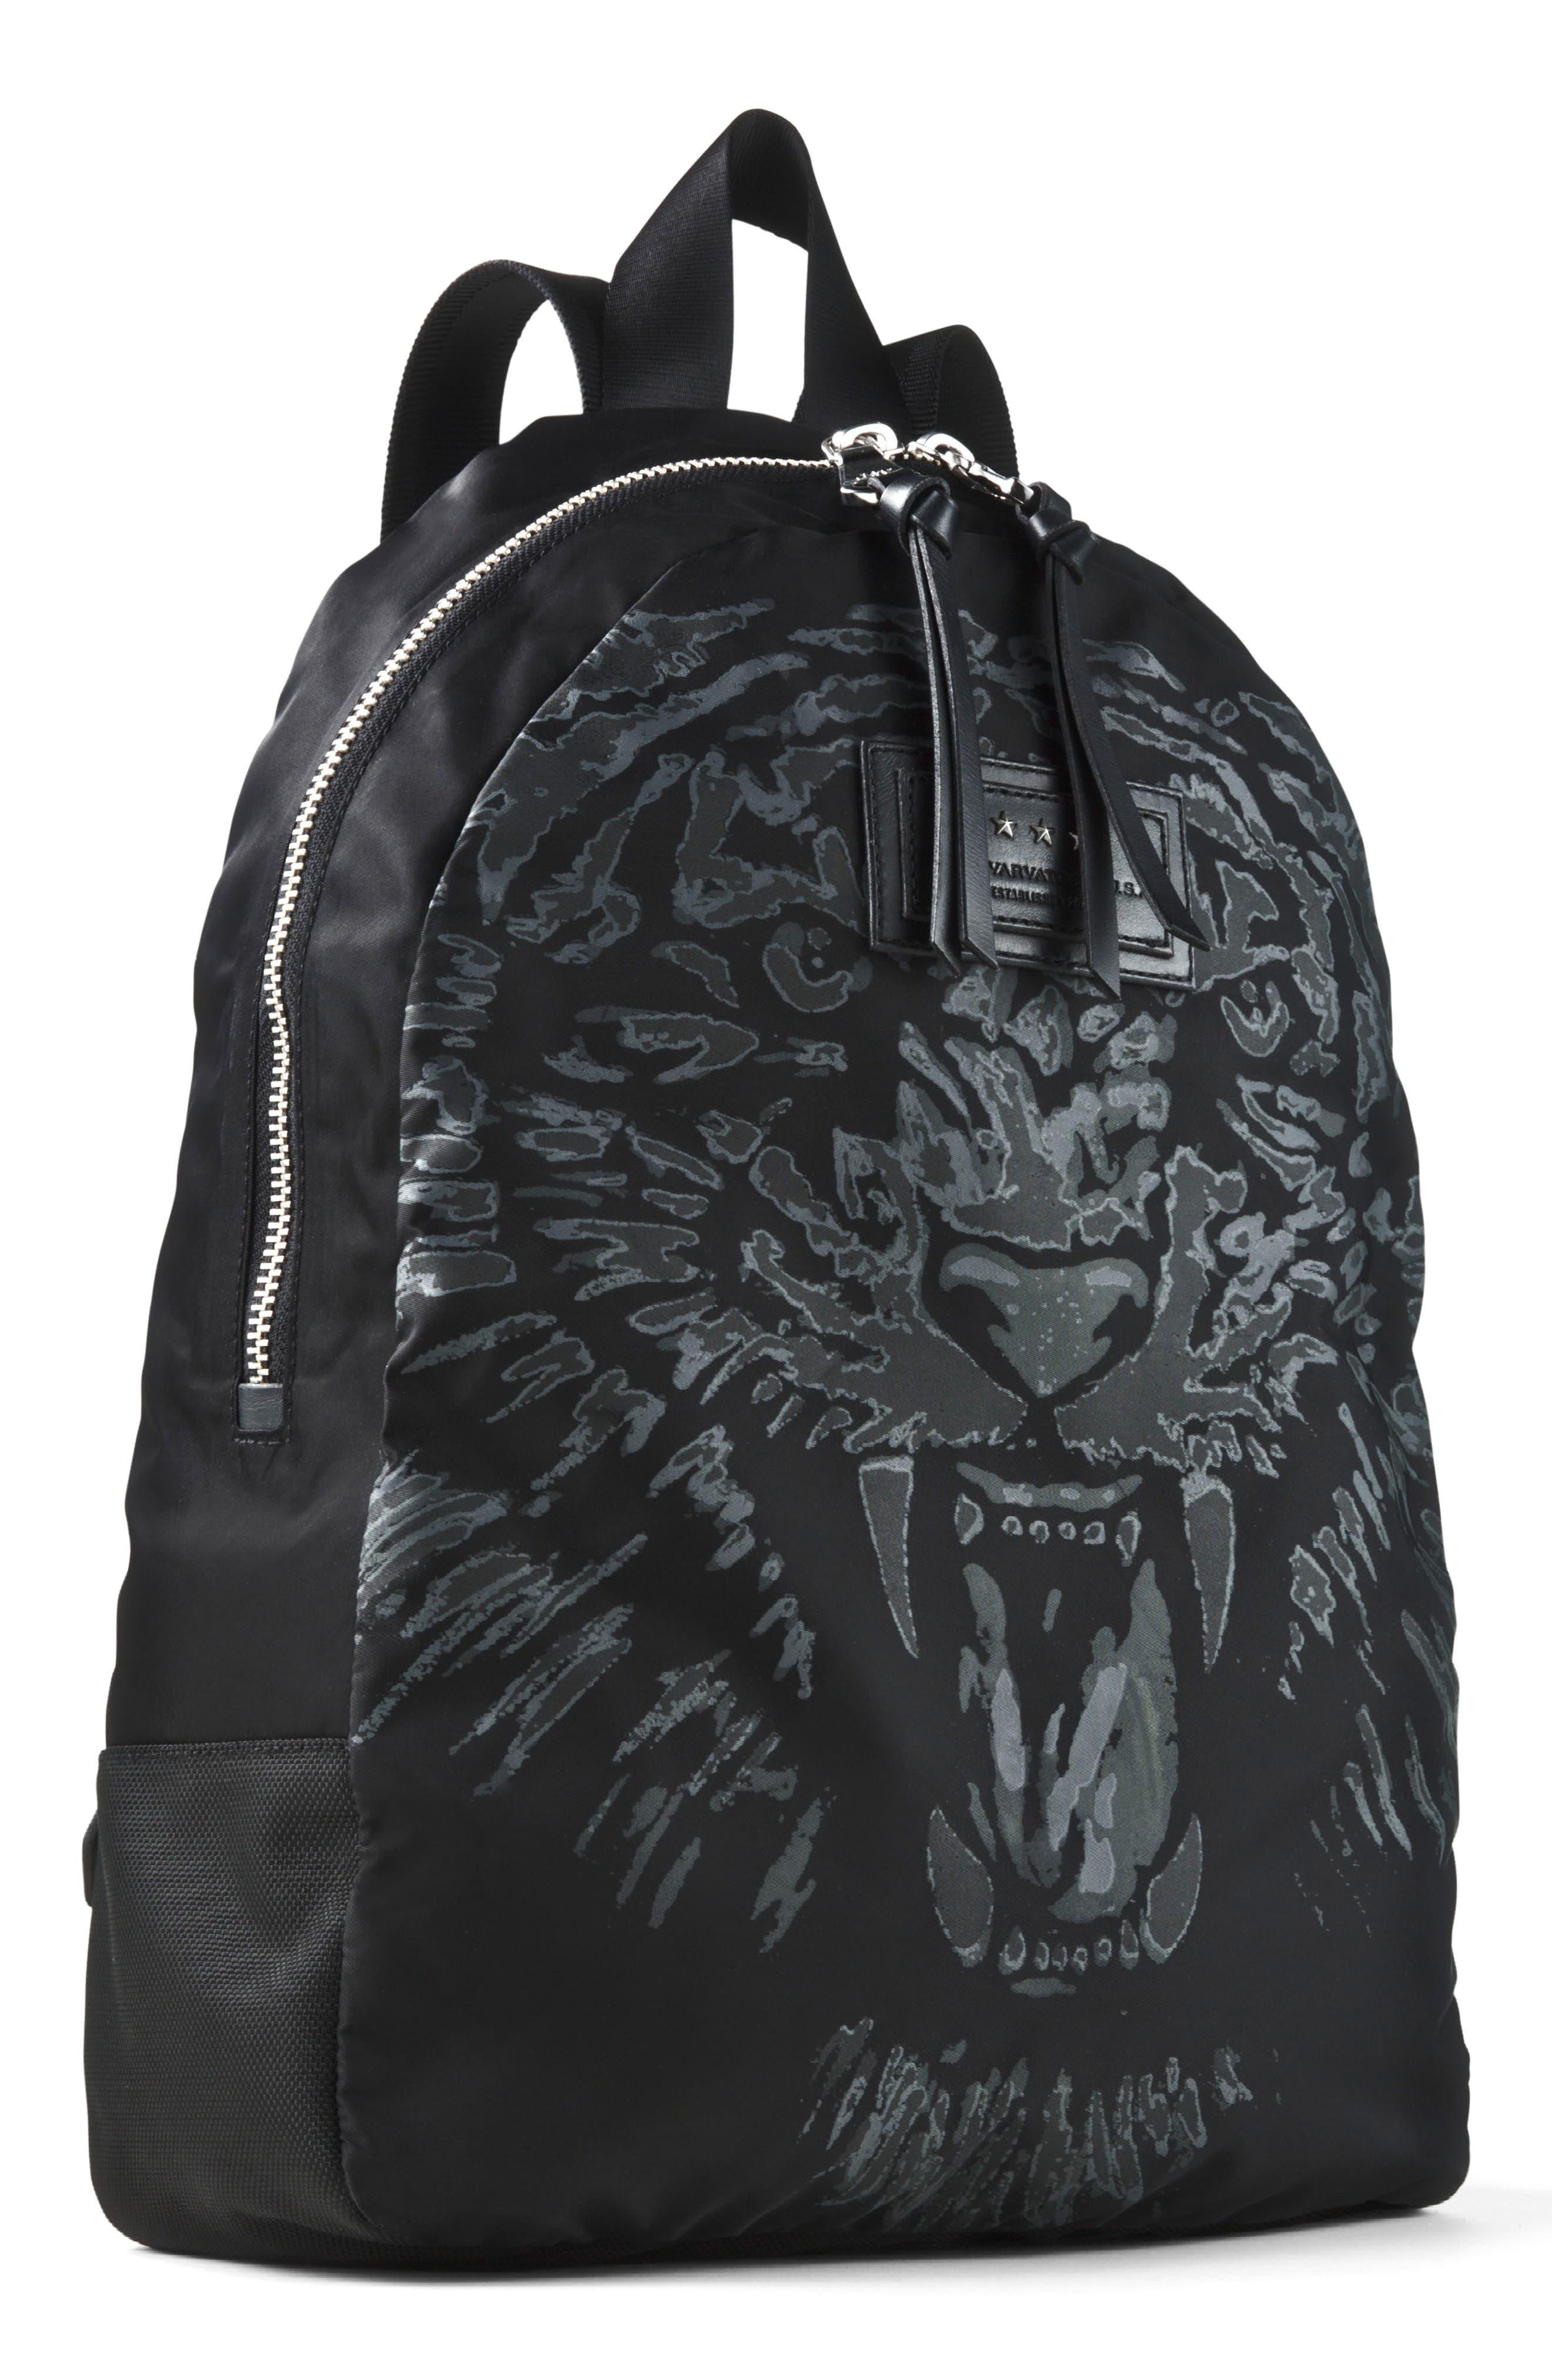 Tiger Print Backpack,                             Main thumbnail 1, color,                             001